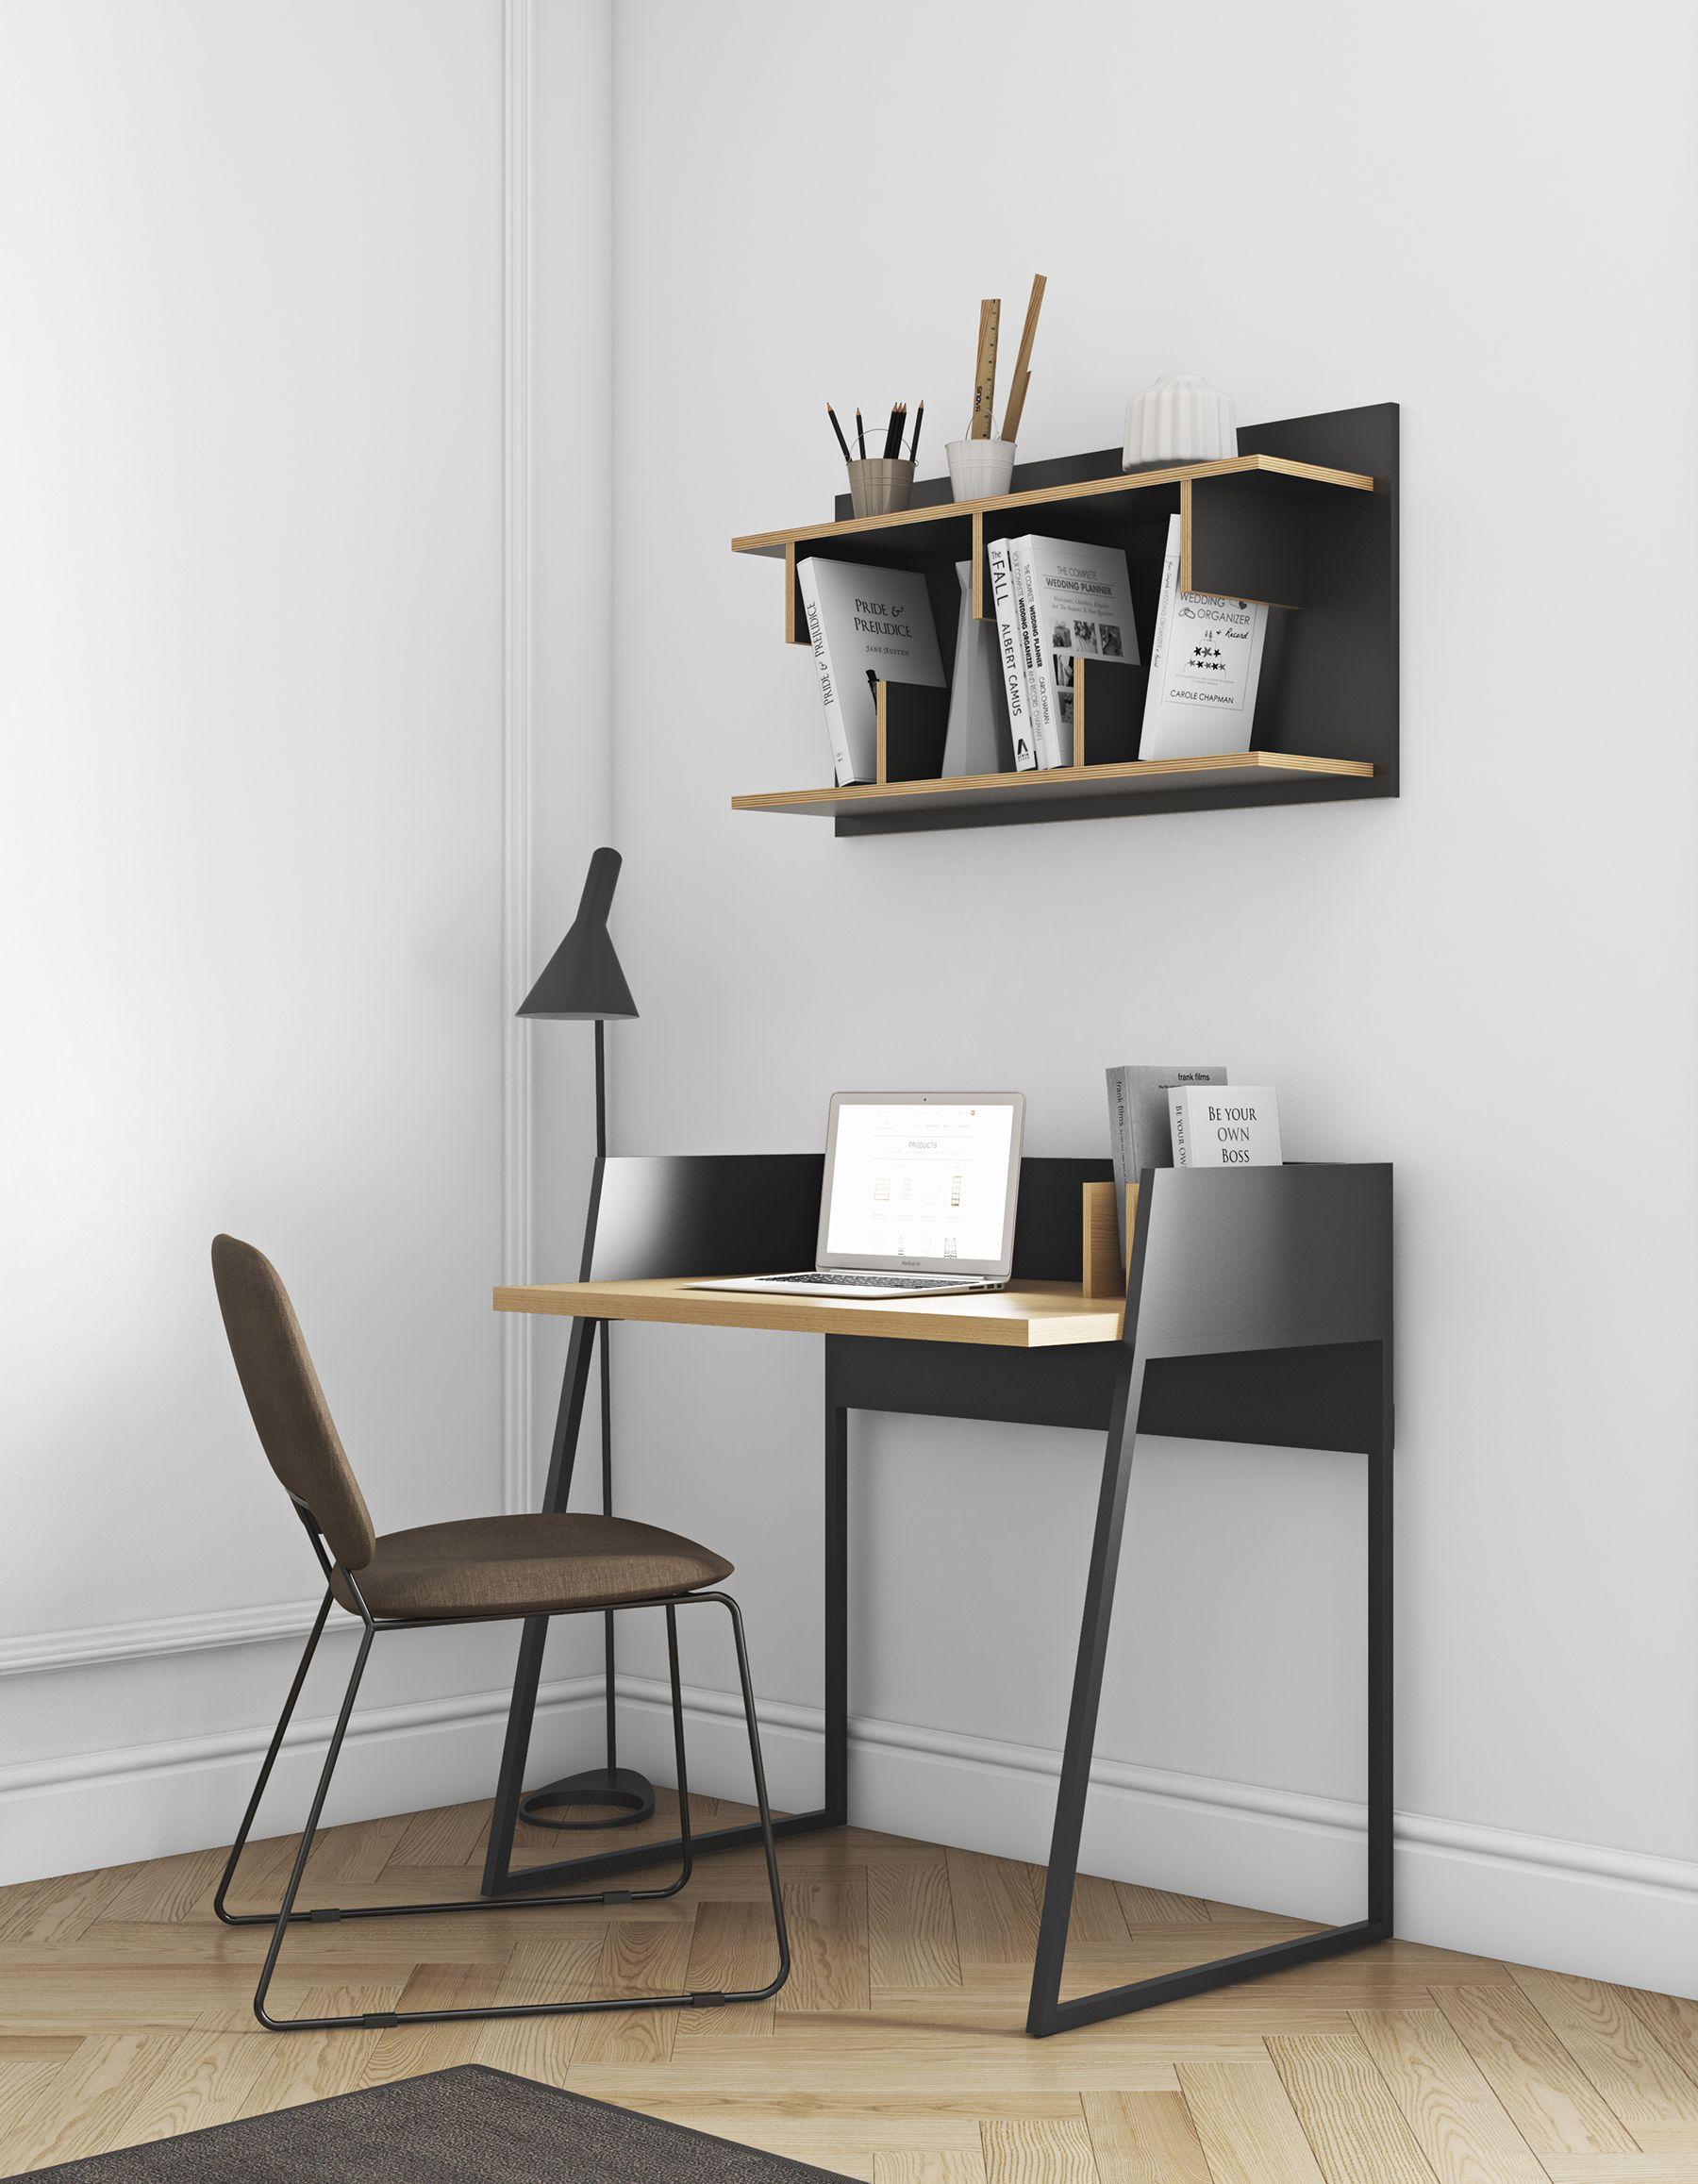 Einzigartiger Schreibtisch Von Temahome In Schwarz Eiche Der Simplizistische Urbane Style Fügt Sich In Büro Sowie Ho Schreibtischideen Haus Deko Bürotisch